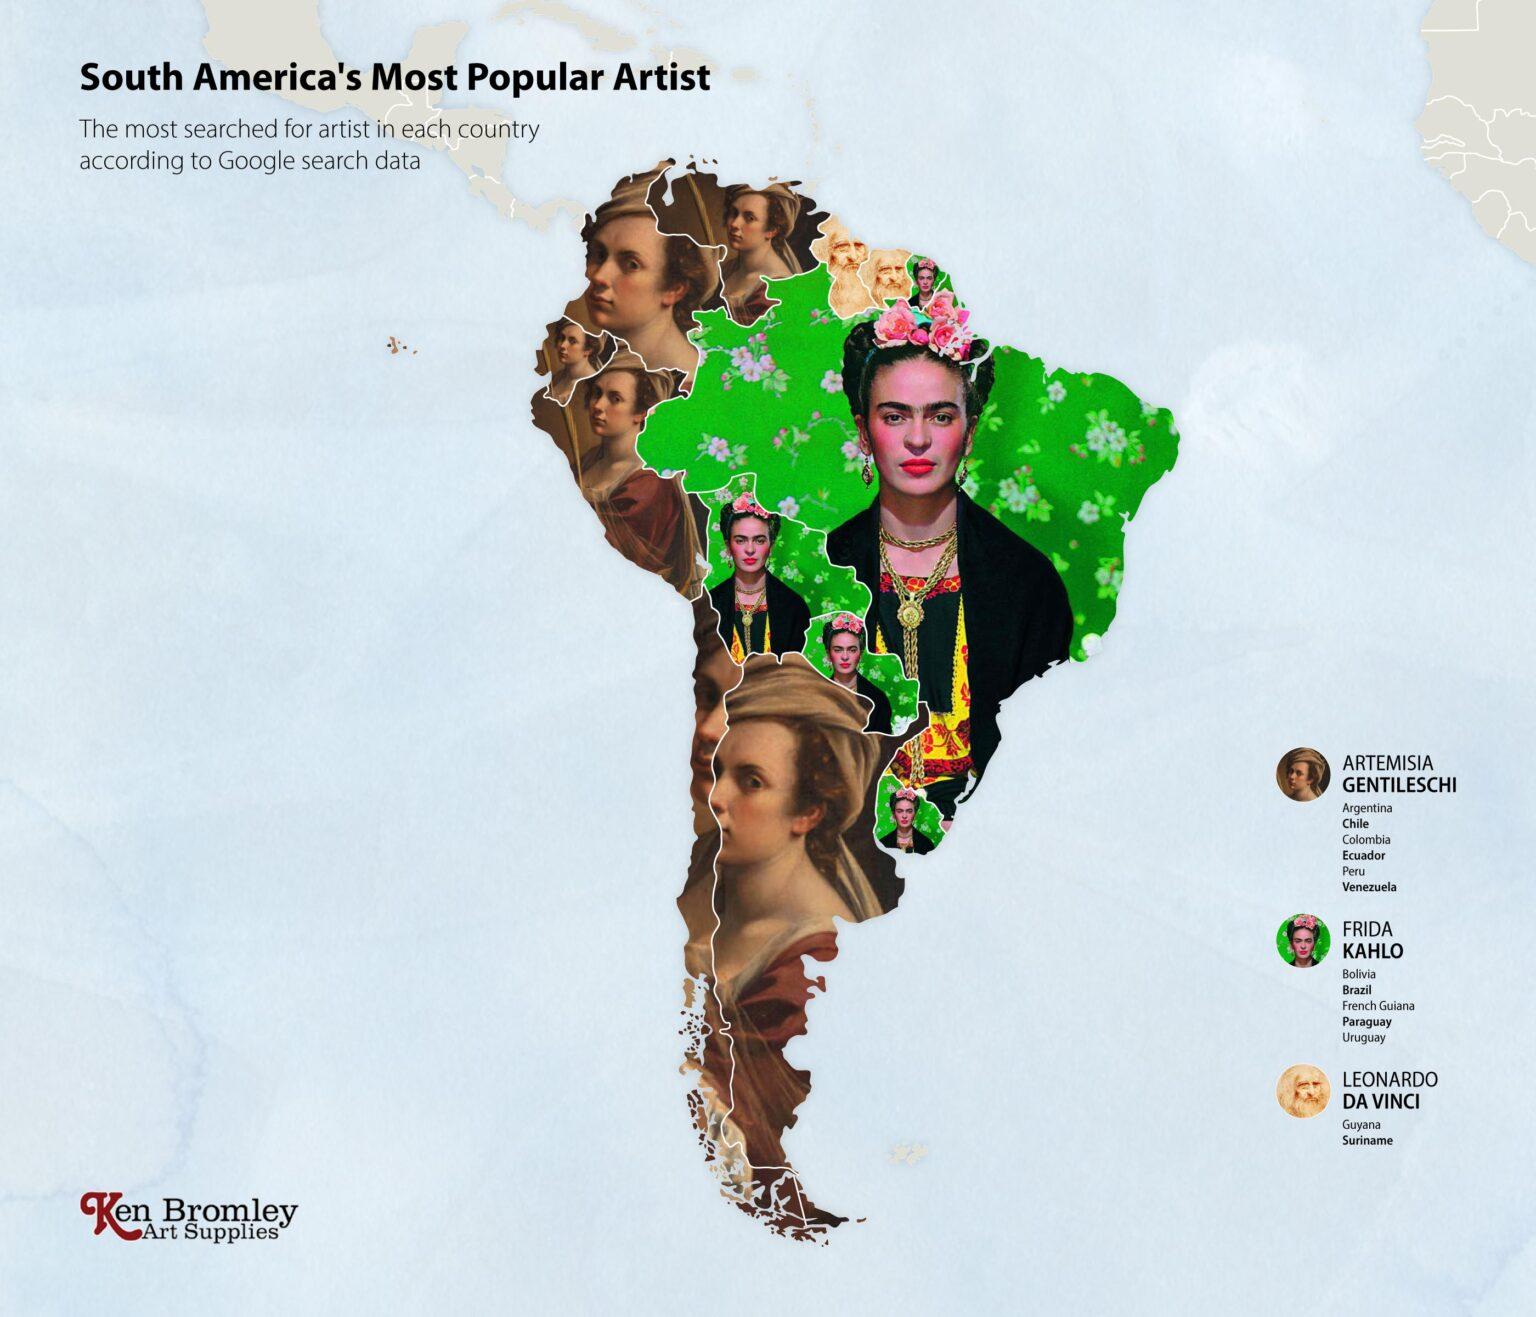 Οι πιο δημοφιλείς καλλιτέχνες στην Νότια Αμερική, Φωτογραφία/credits: Ken Bromley Art Supplies